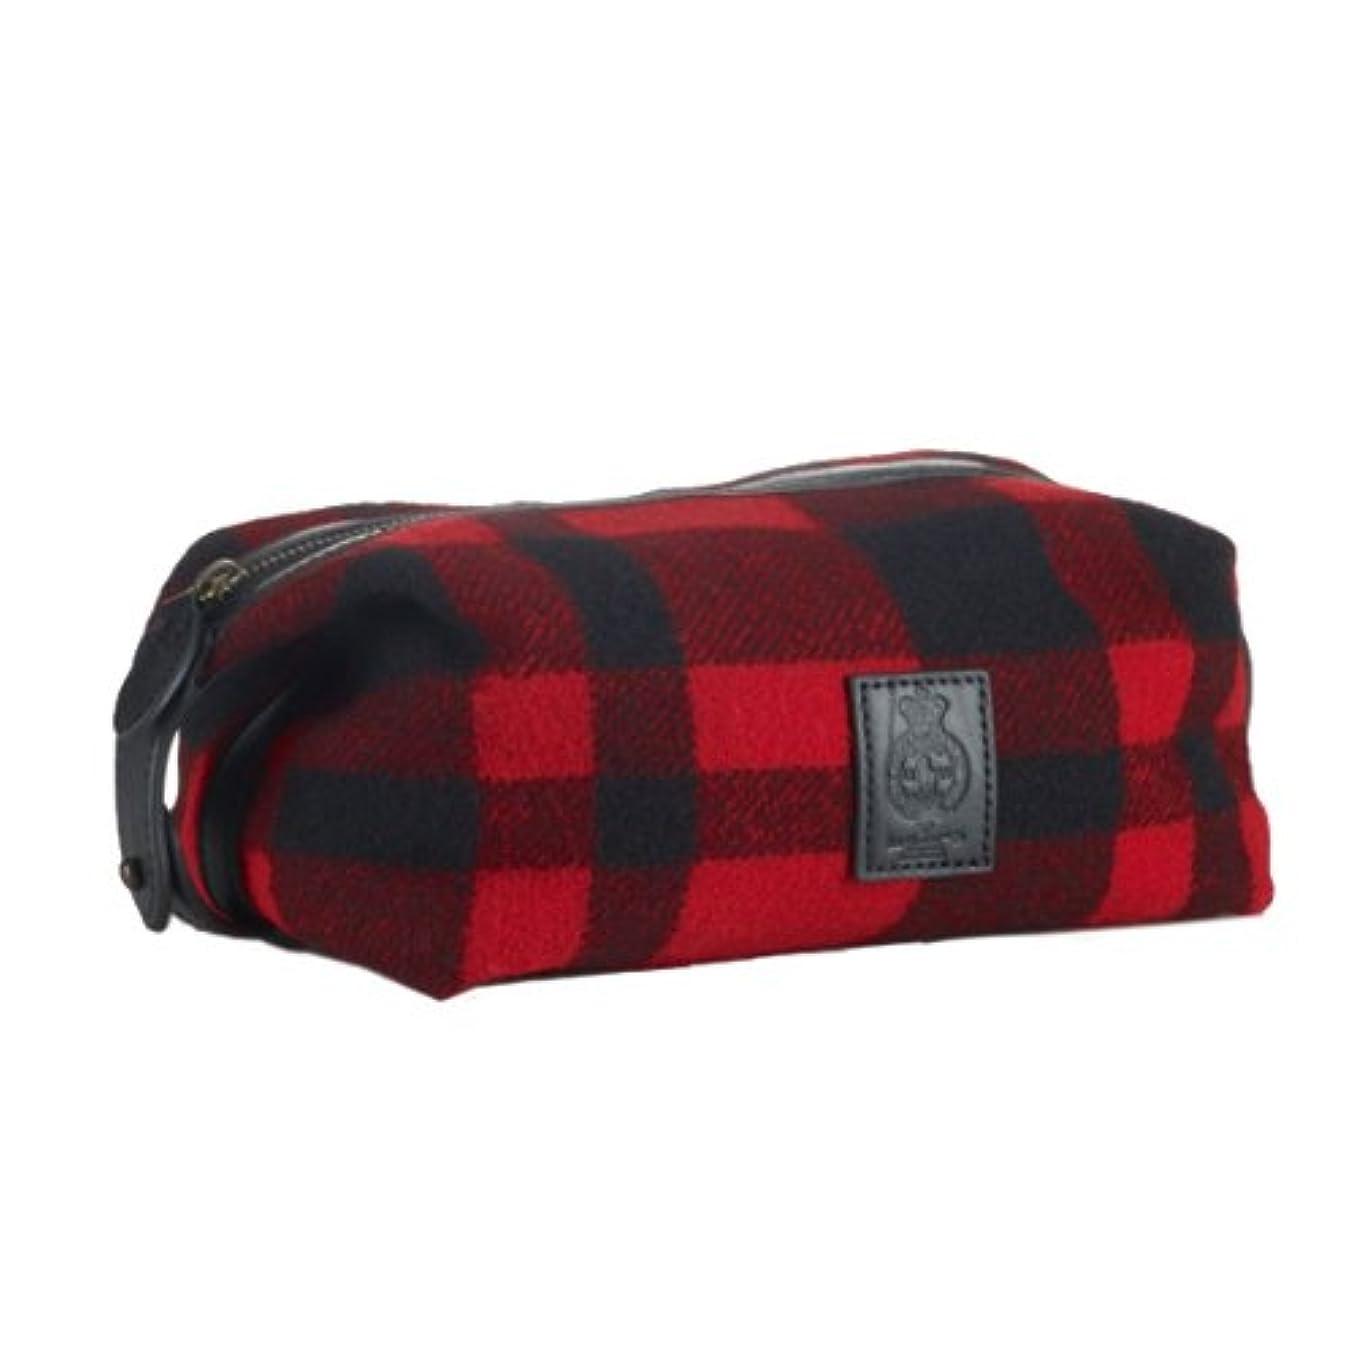 回転有名人エミュレートする(ポロ ラルフローレン) Polo Ralph Lauren 《Buffalo Plaid Shaving Kit:バッファローチェック柄 ポーチバッグ<Red Royal>》 [並行輸入品]